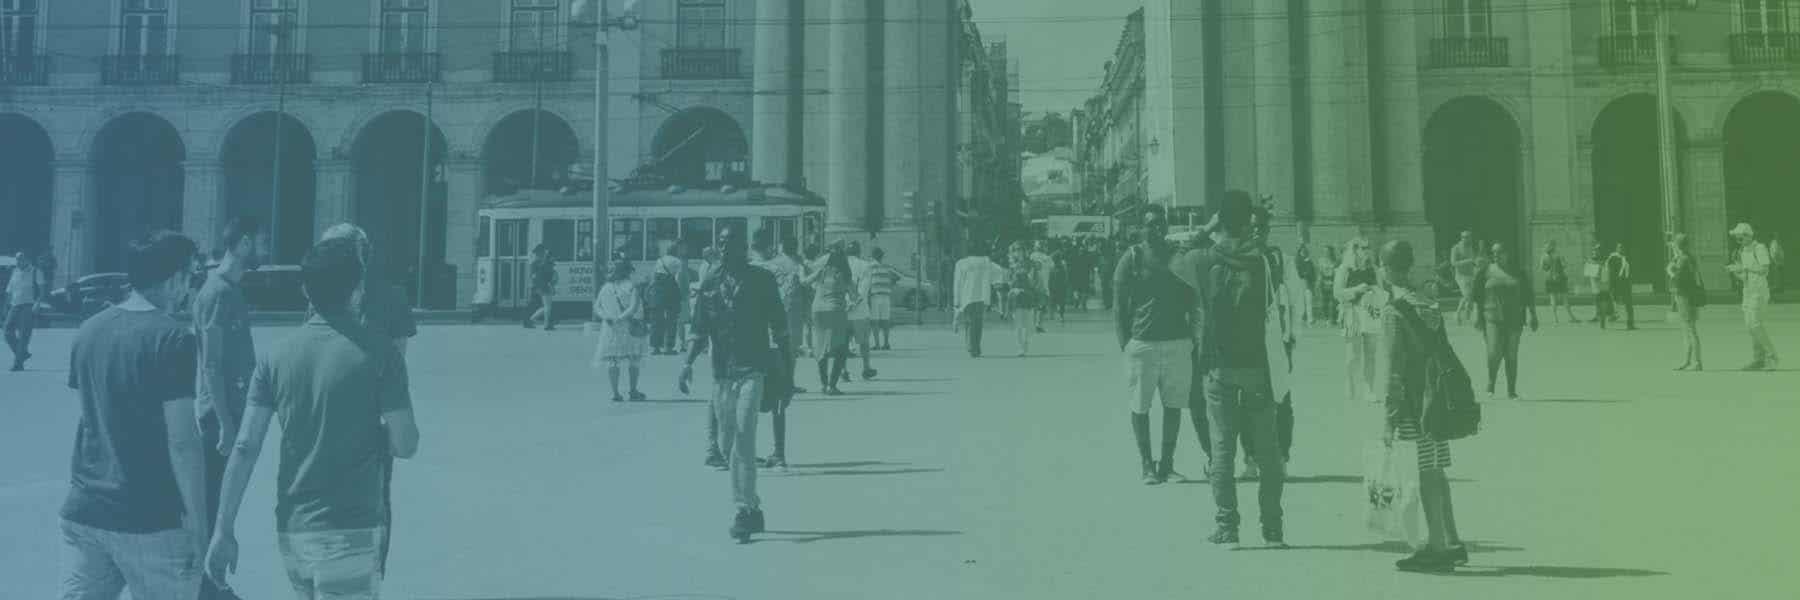 COMUNICAÇÃO, ESTRATÉGIA E RH DEVEM SER PRIORIDADE NO MANDATO 2021/2025